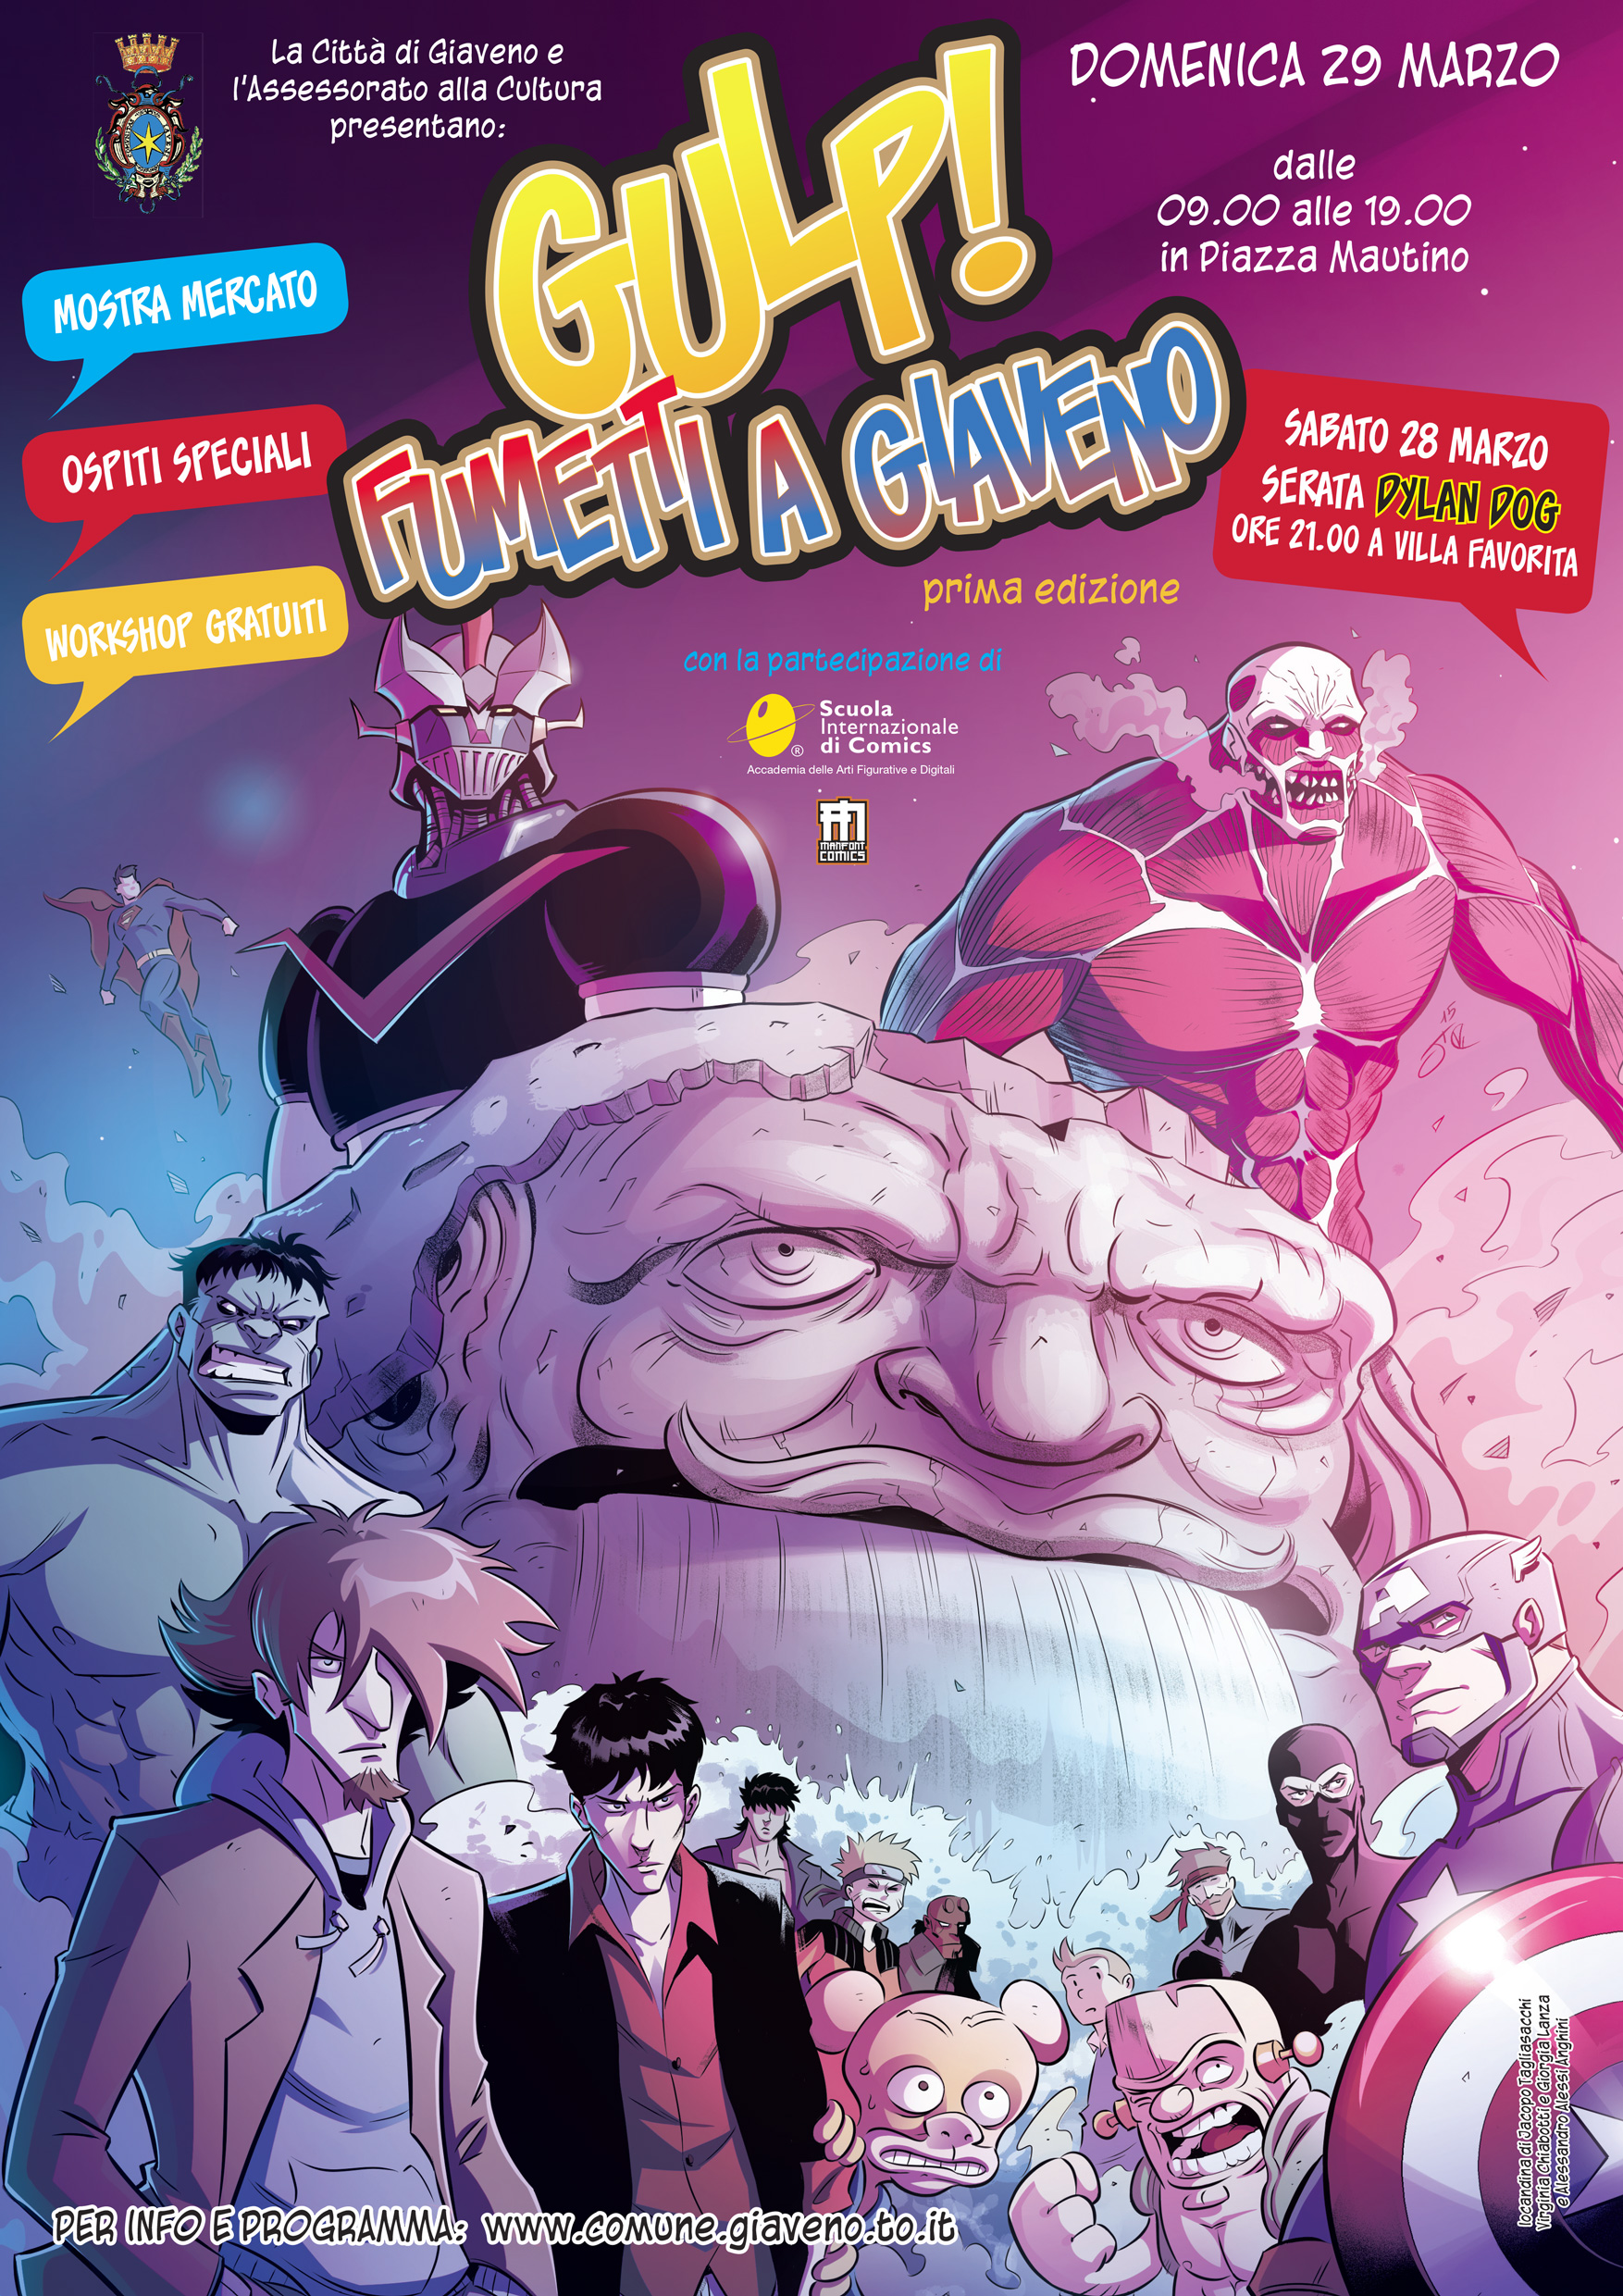 GULP! Fumetti a Giaveno  – sabato 28 e domenica 29 marzo 2015